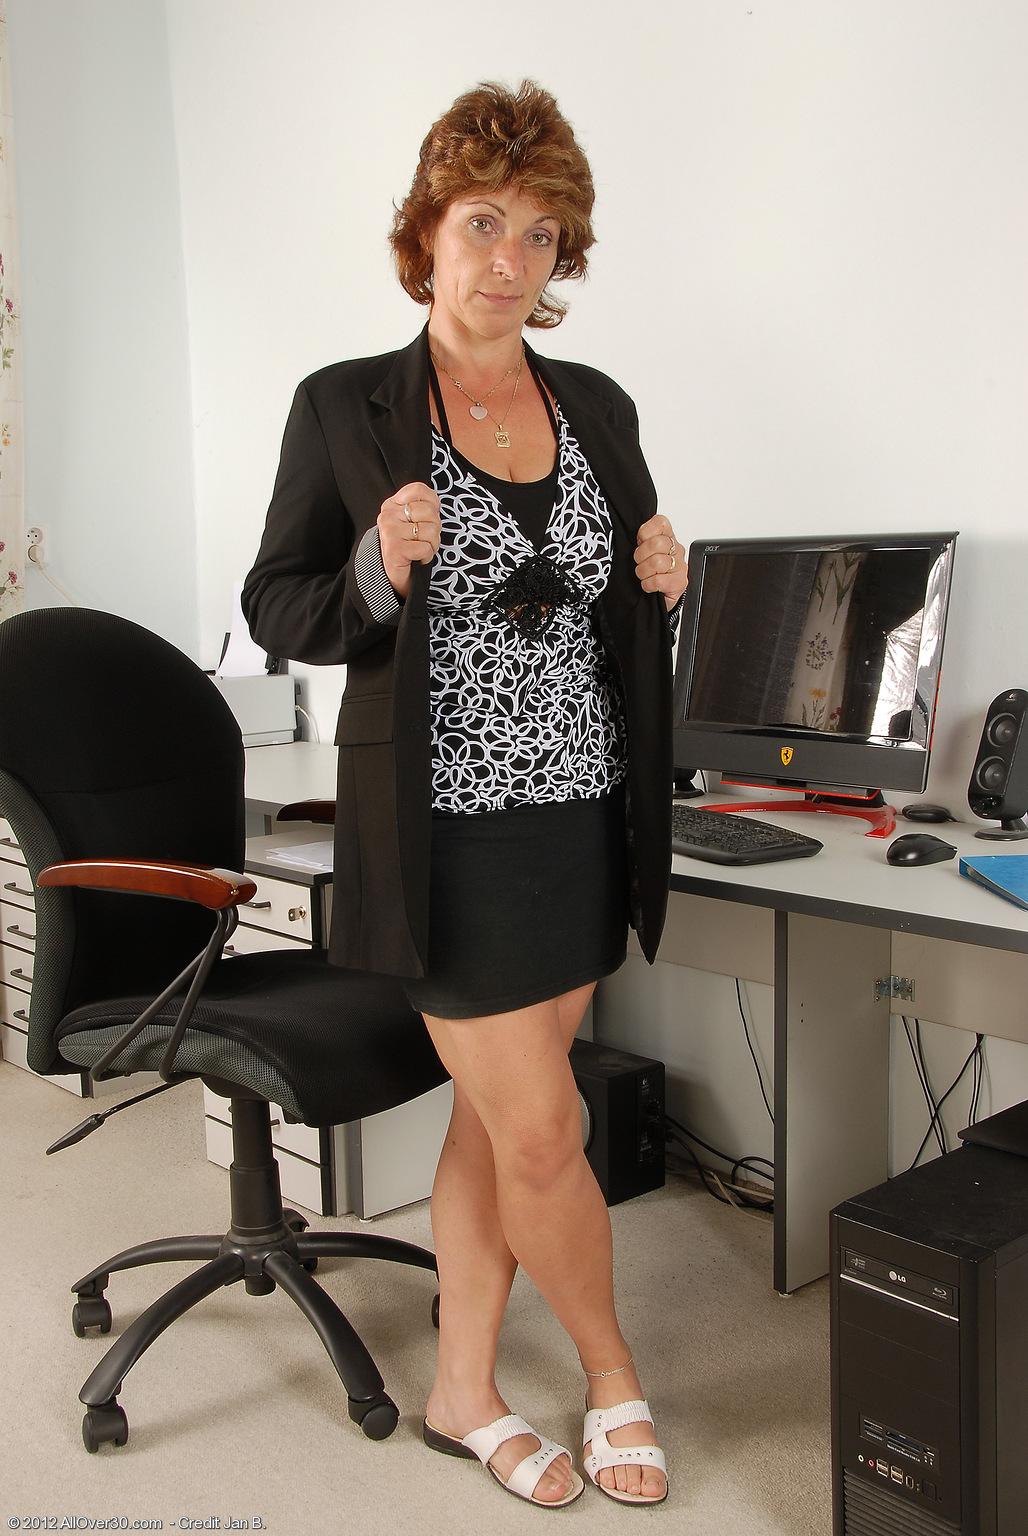 Секретарша в колготках и начальник 5 фотография